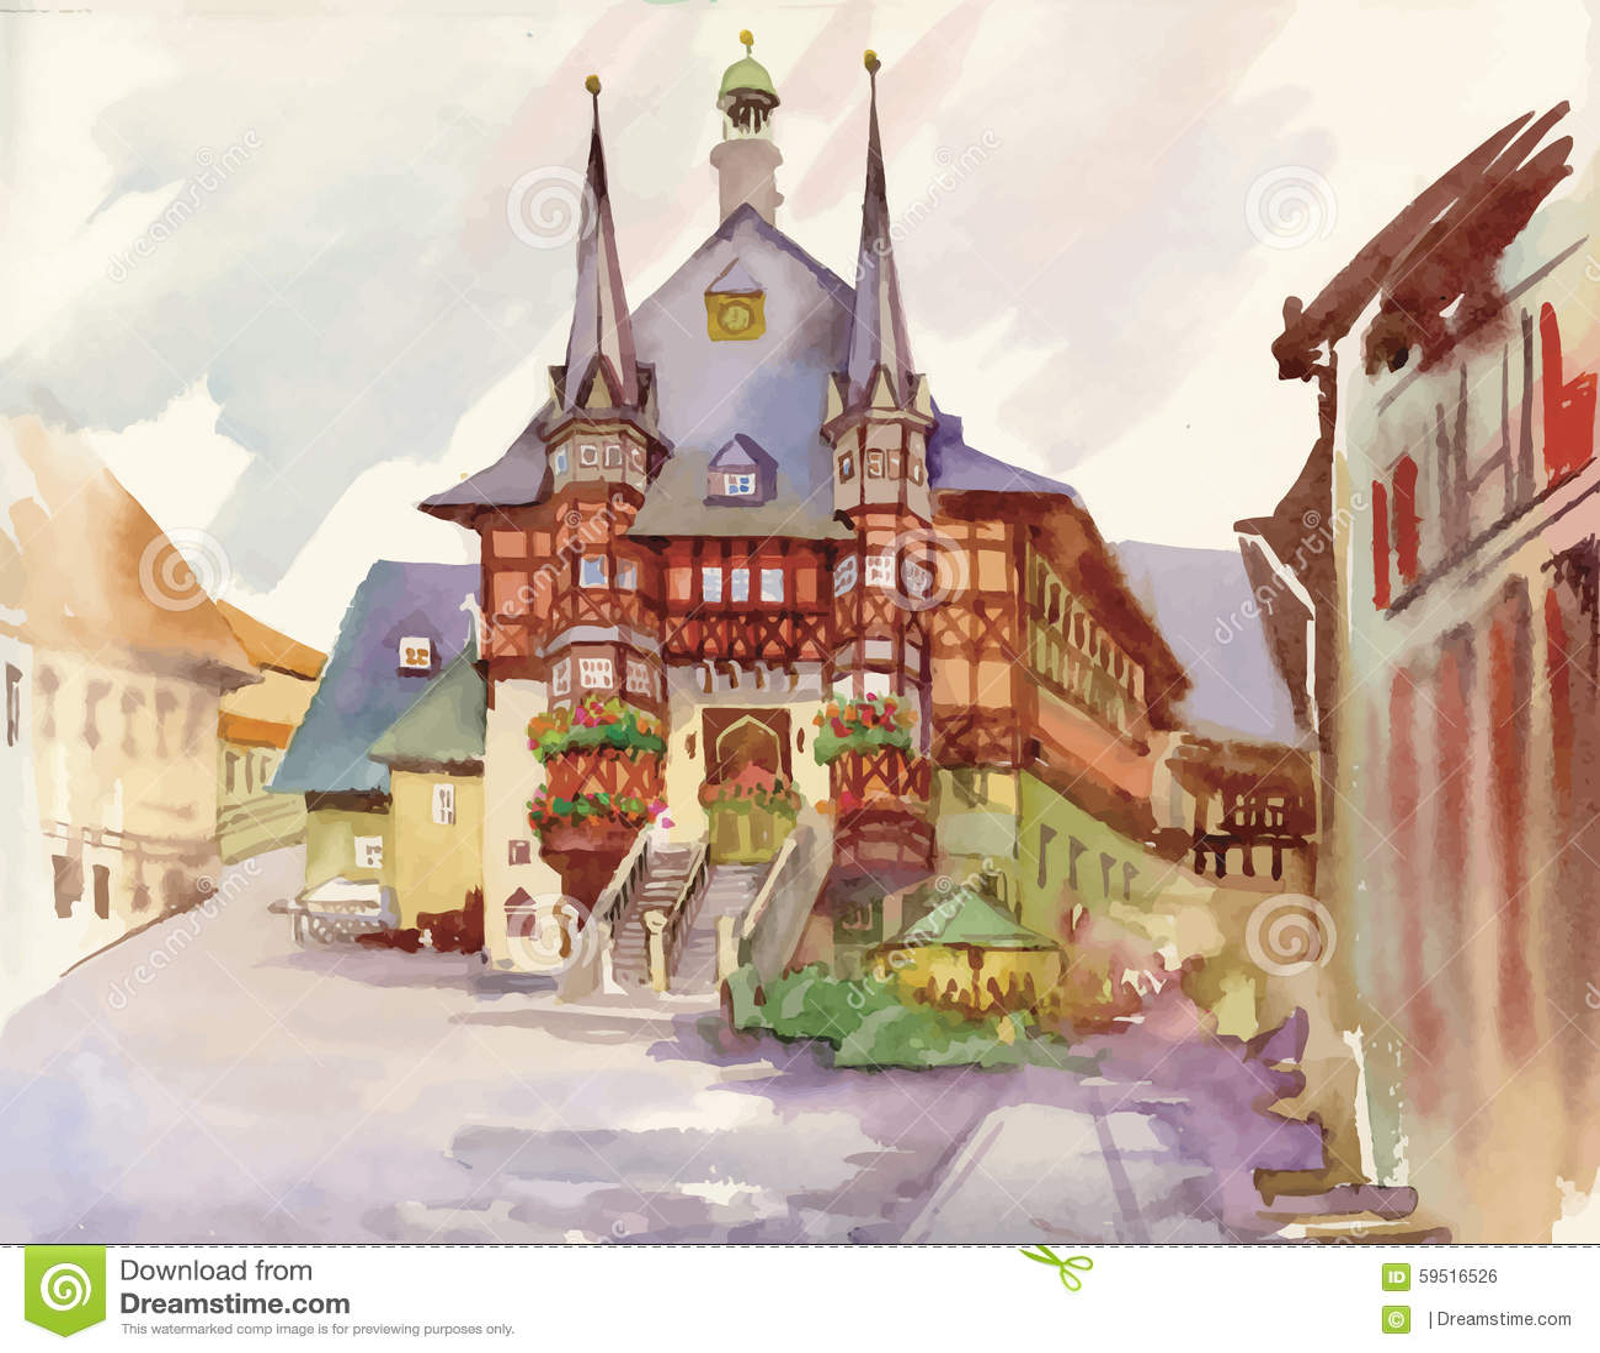 Peinture d 39 aquarelle de maison dans l 39 illustration en bois for Aquarelle maison de retraite